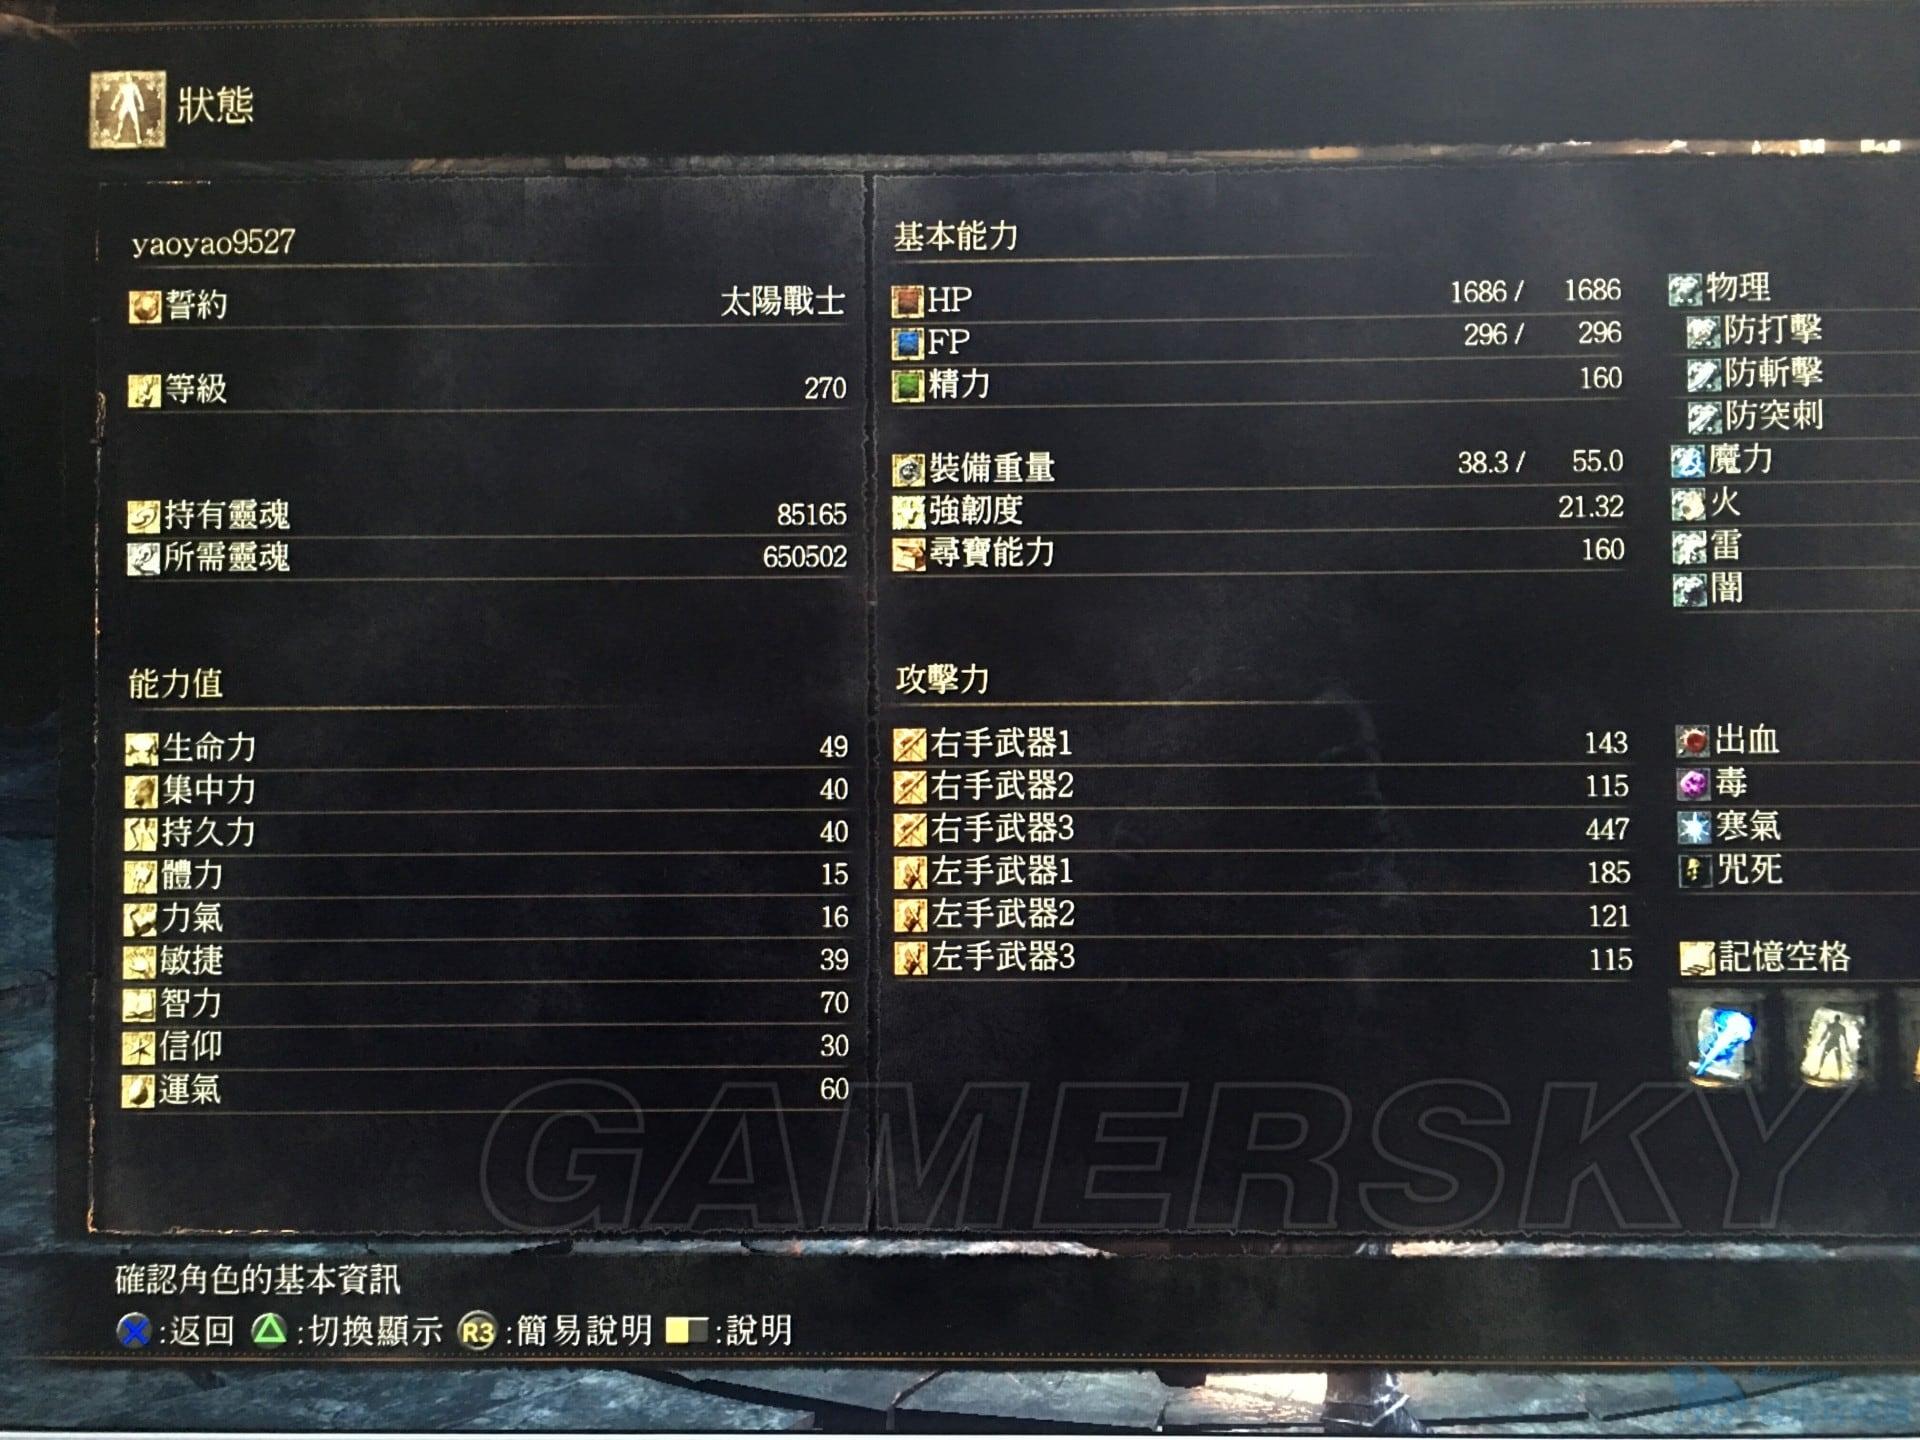 黑暗靈魂3 超強流派配點玩法與裝備搭配圖文攻略